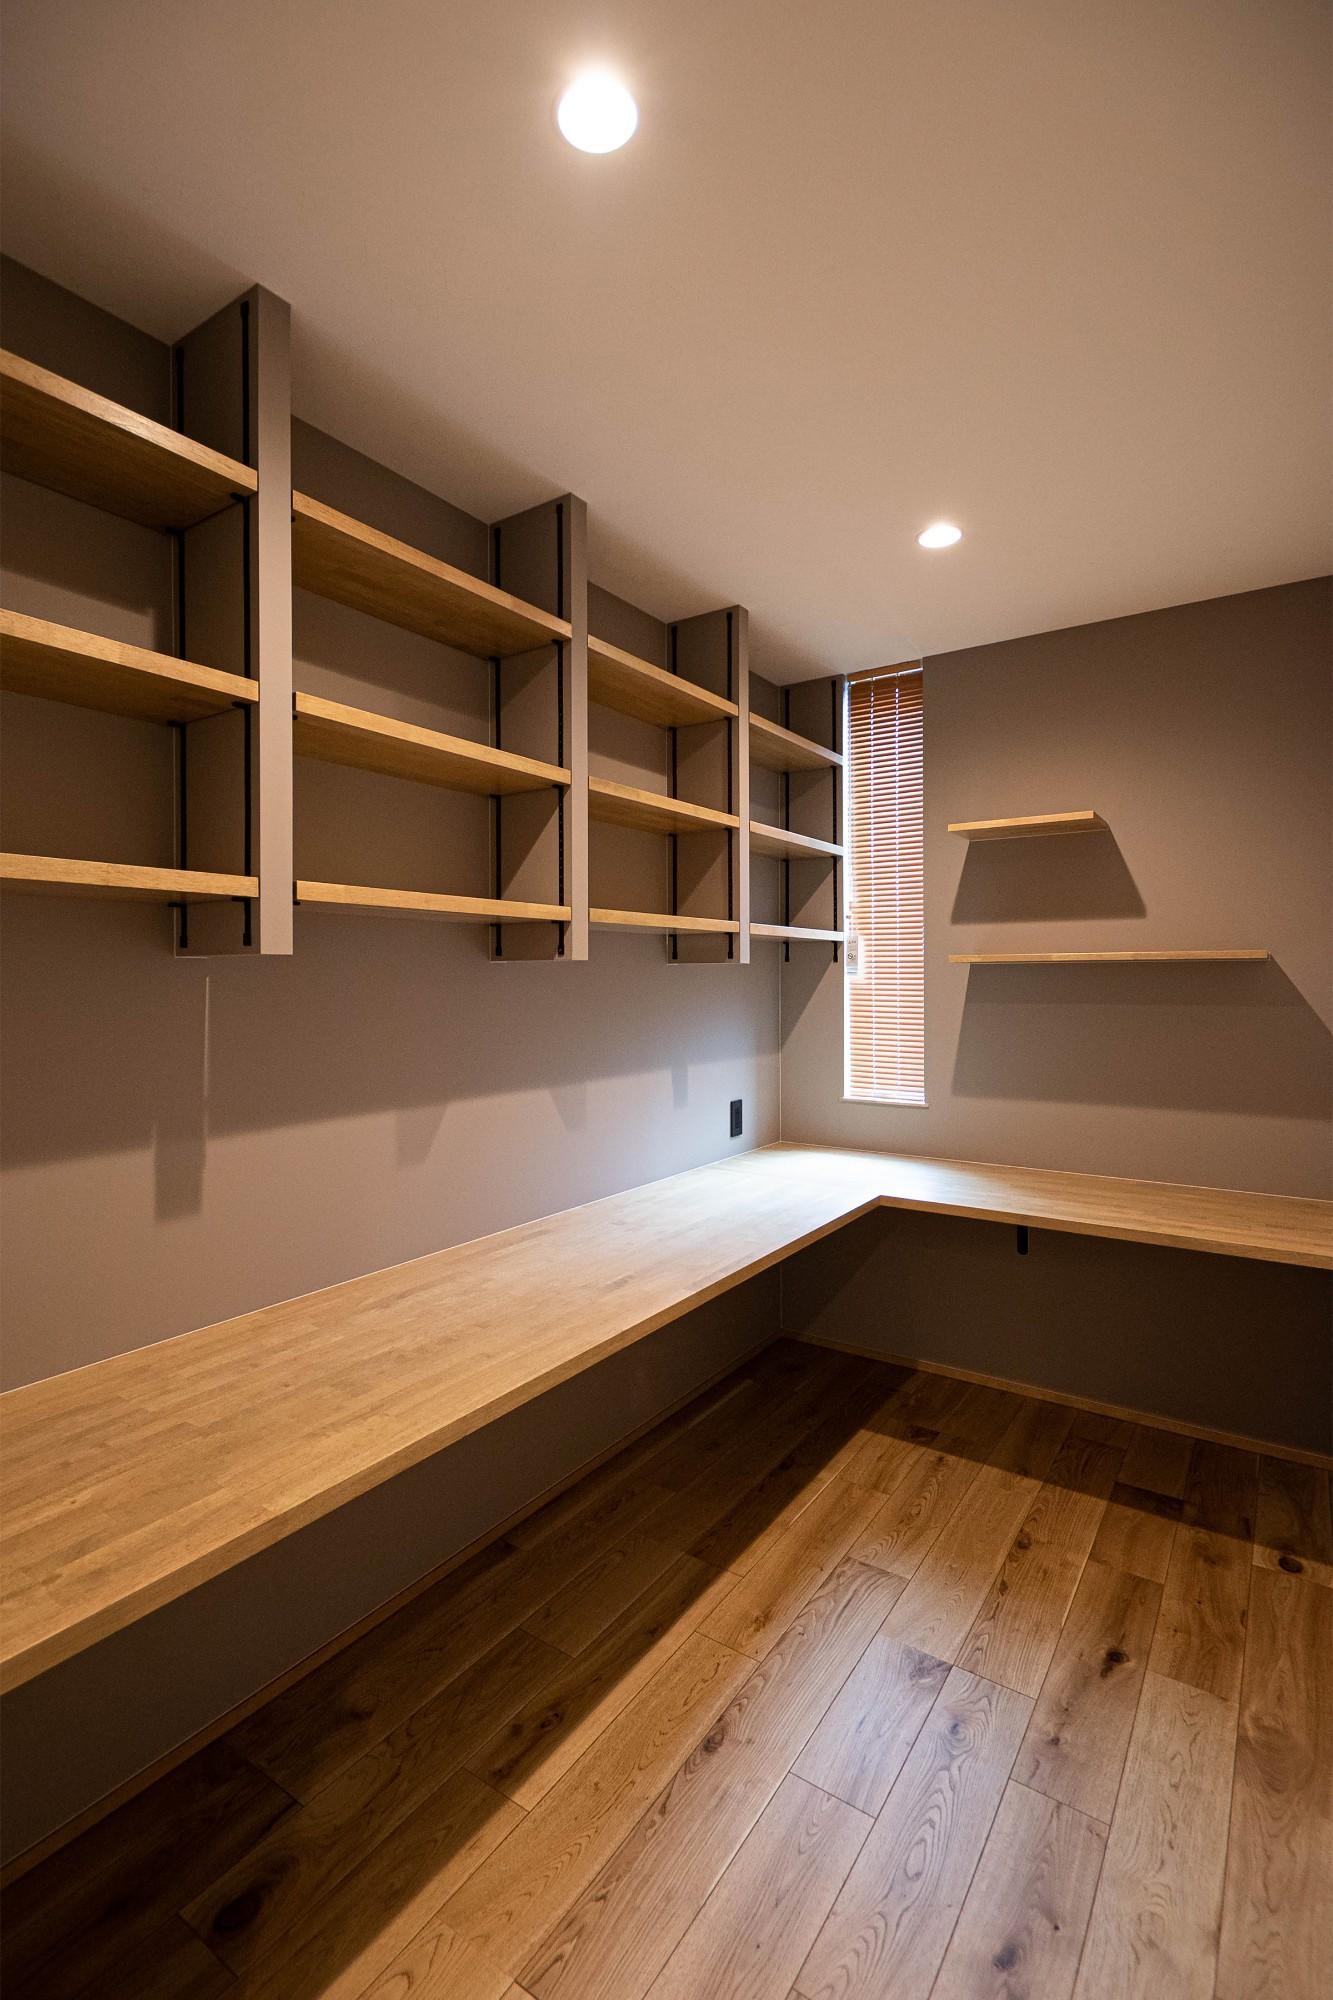 DETAIL HOME(ディテールホーム)「縦横の広がりをつくる、ツリーと吹抜けのある家」のシンプル・ナチュラルな居室の実例写真